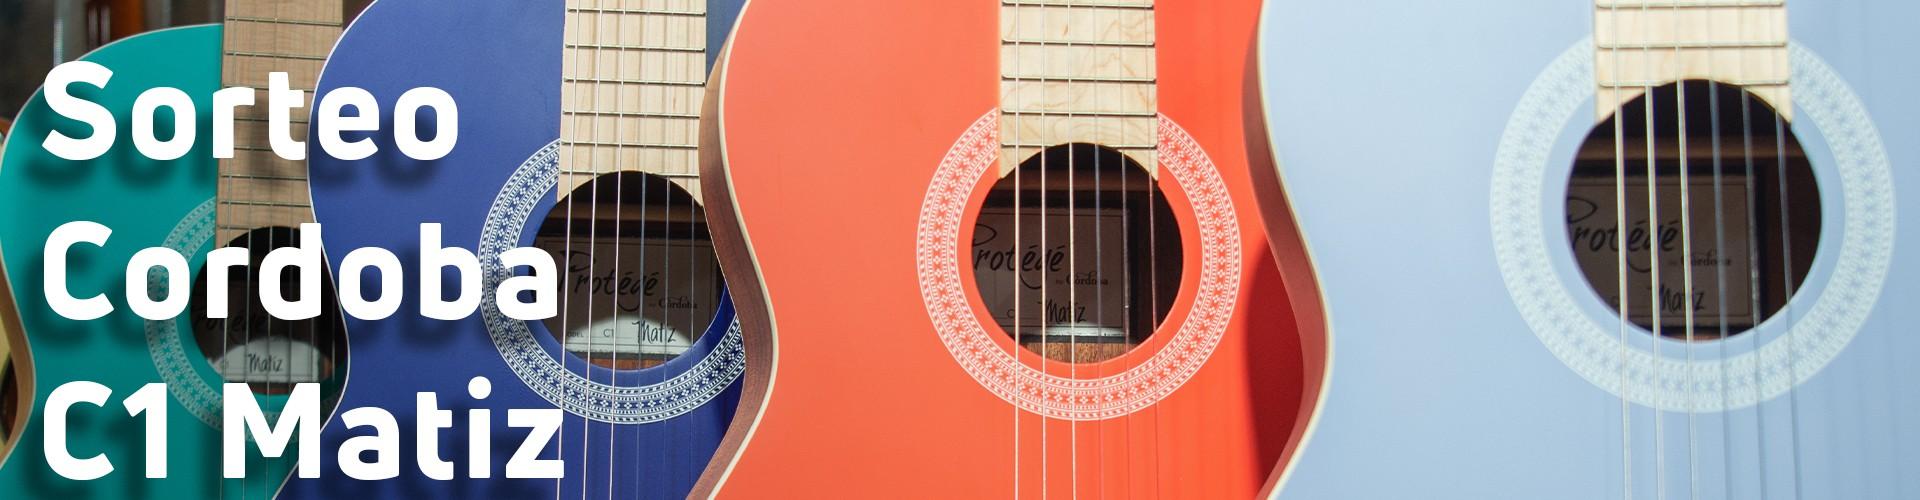 ¡Sorteamos una guitarra Cordoba C1 Matiz con el color que tú elijas!